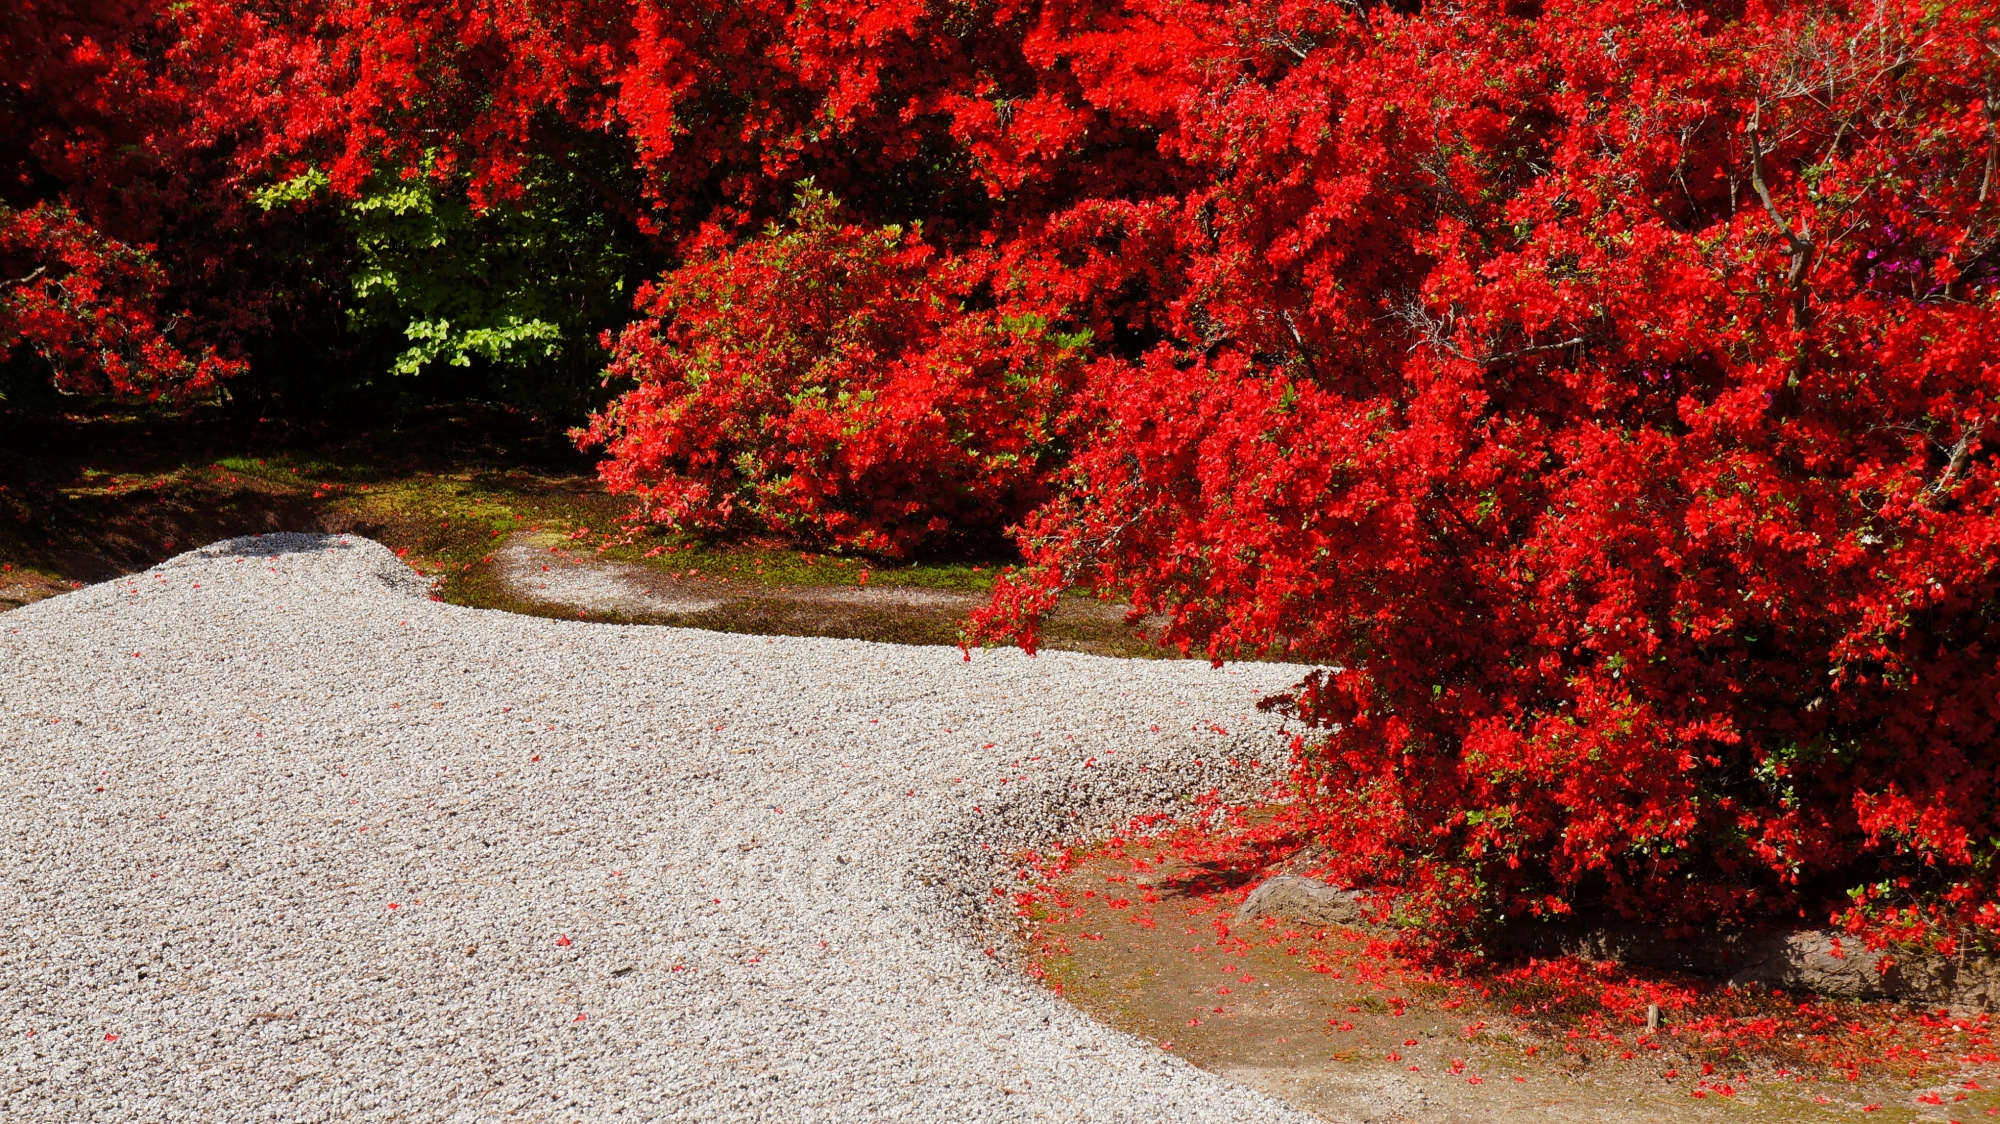 曼殊院の鮮やかなこぼれ落ちる霧島躑躅の花びら